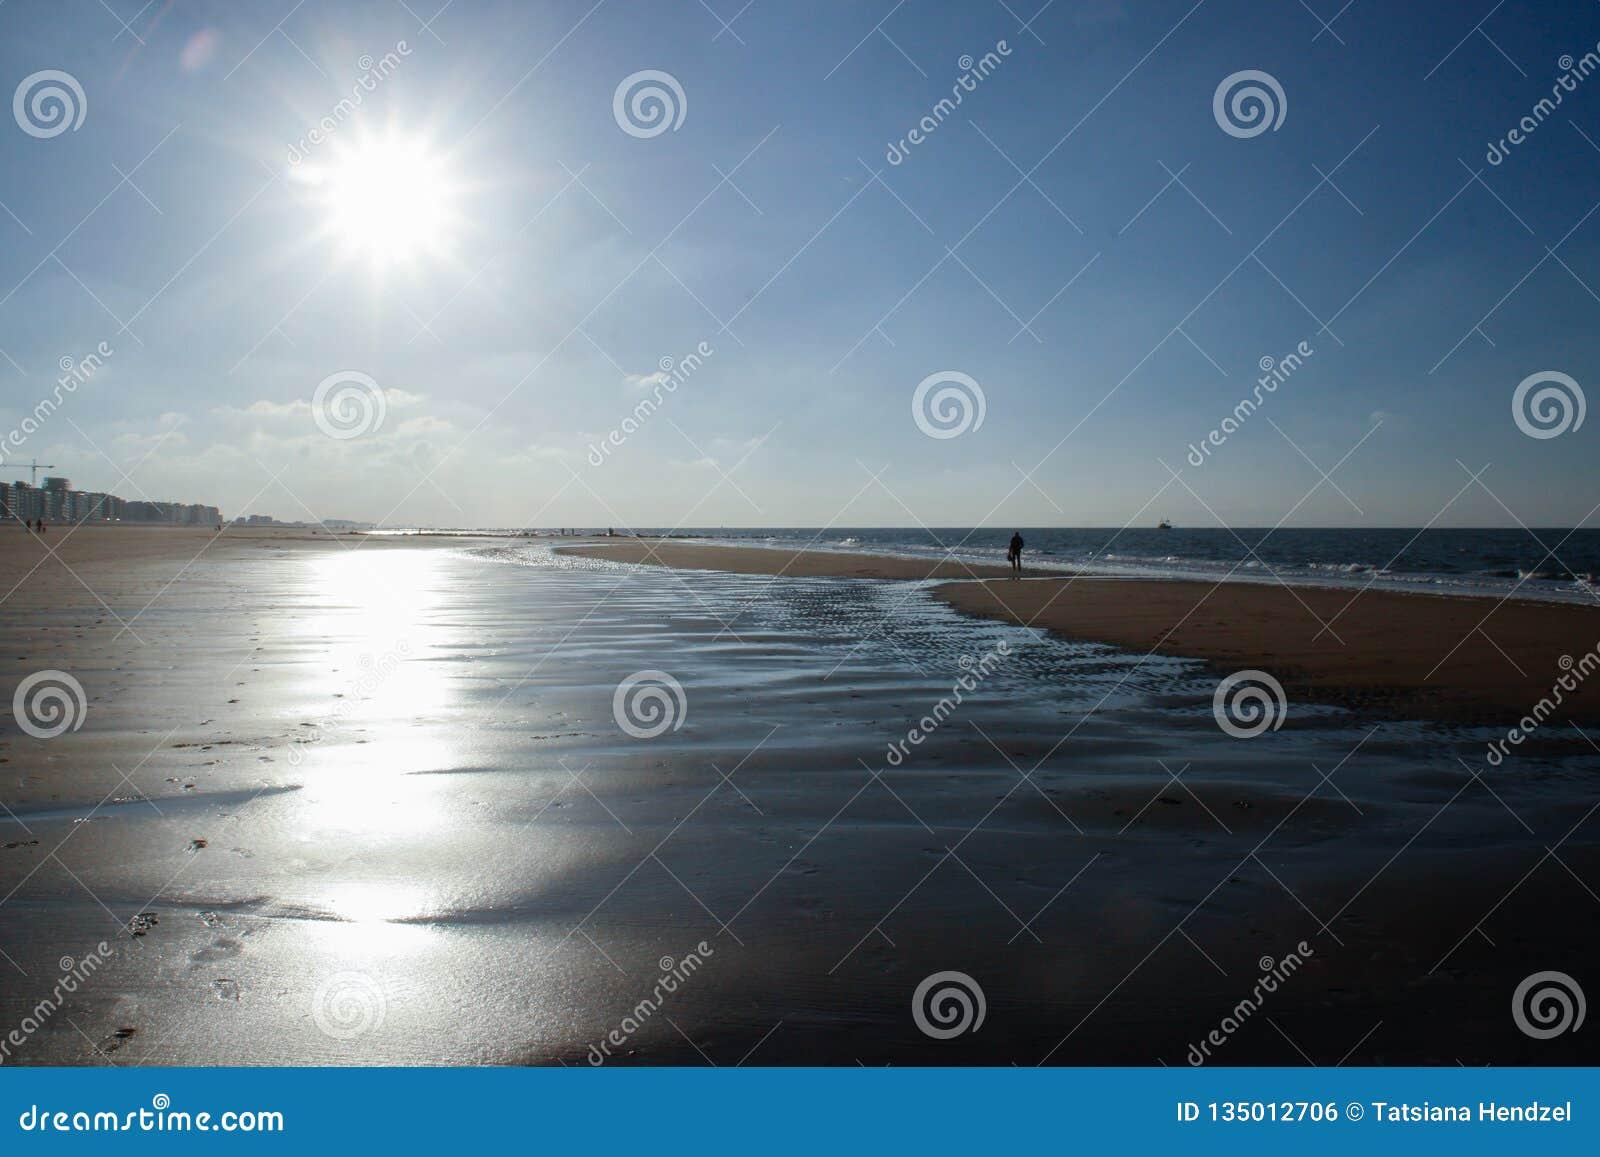 De zon verlicht het verlaten strand van de koude Noordzee in België